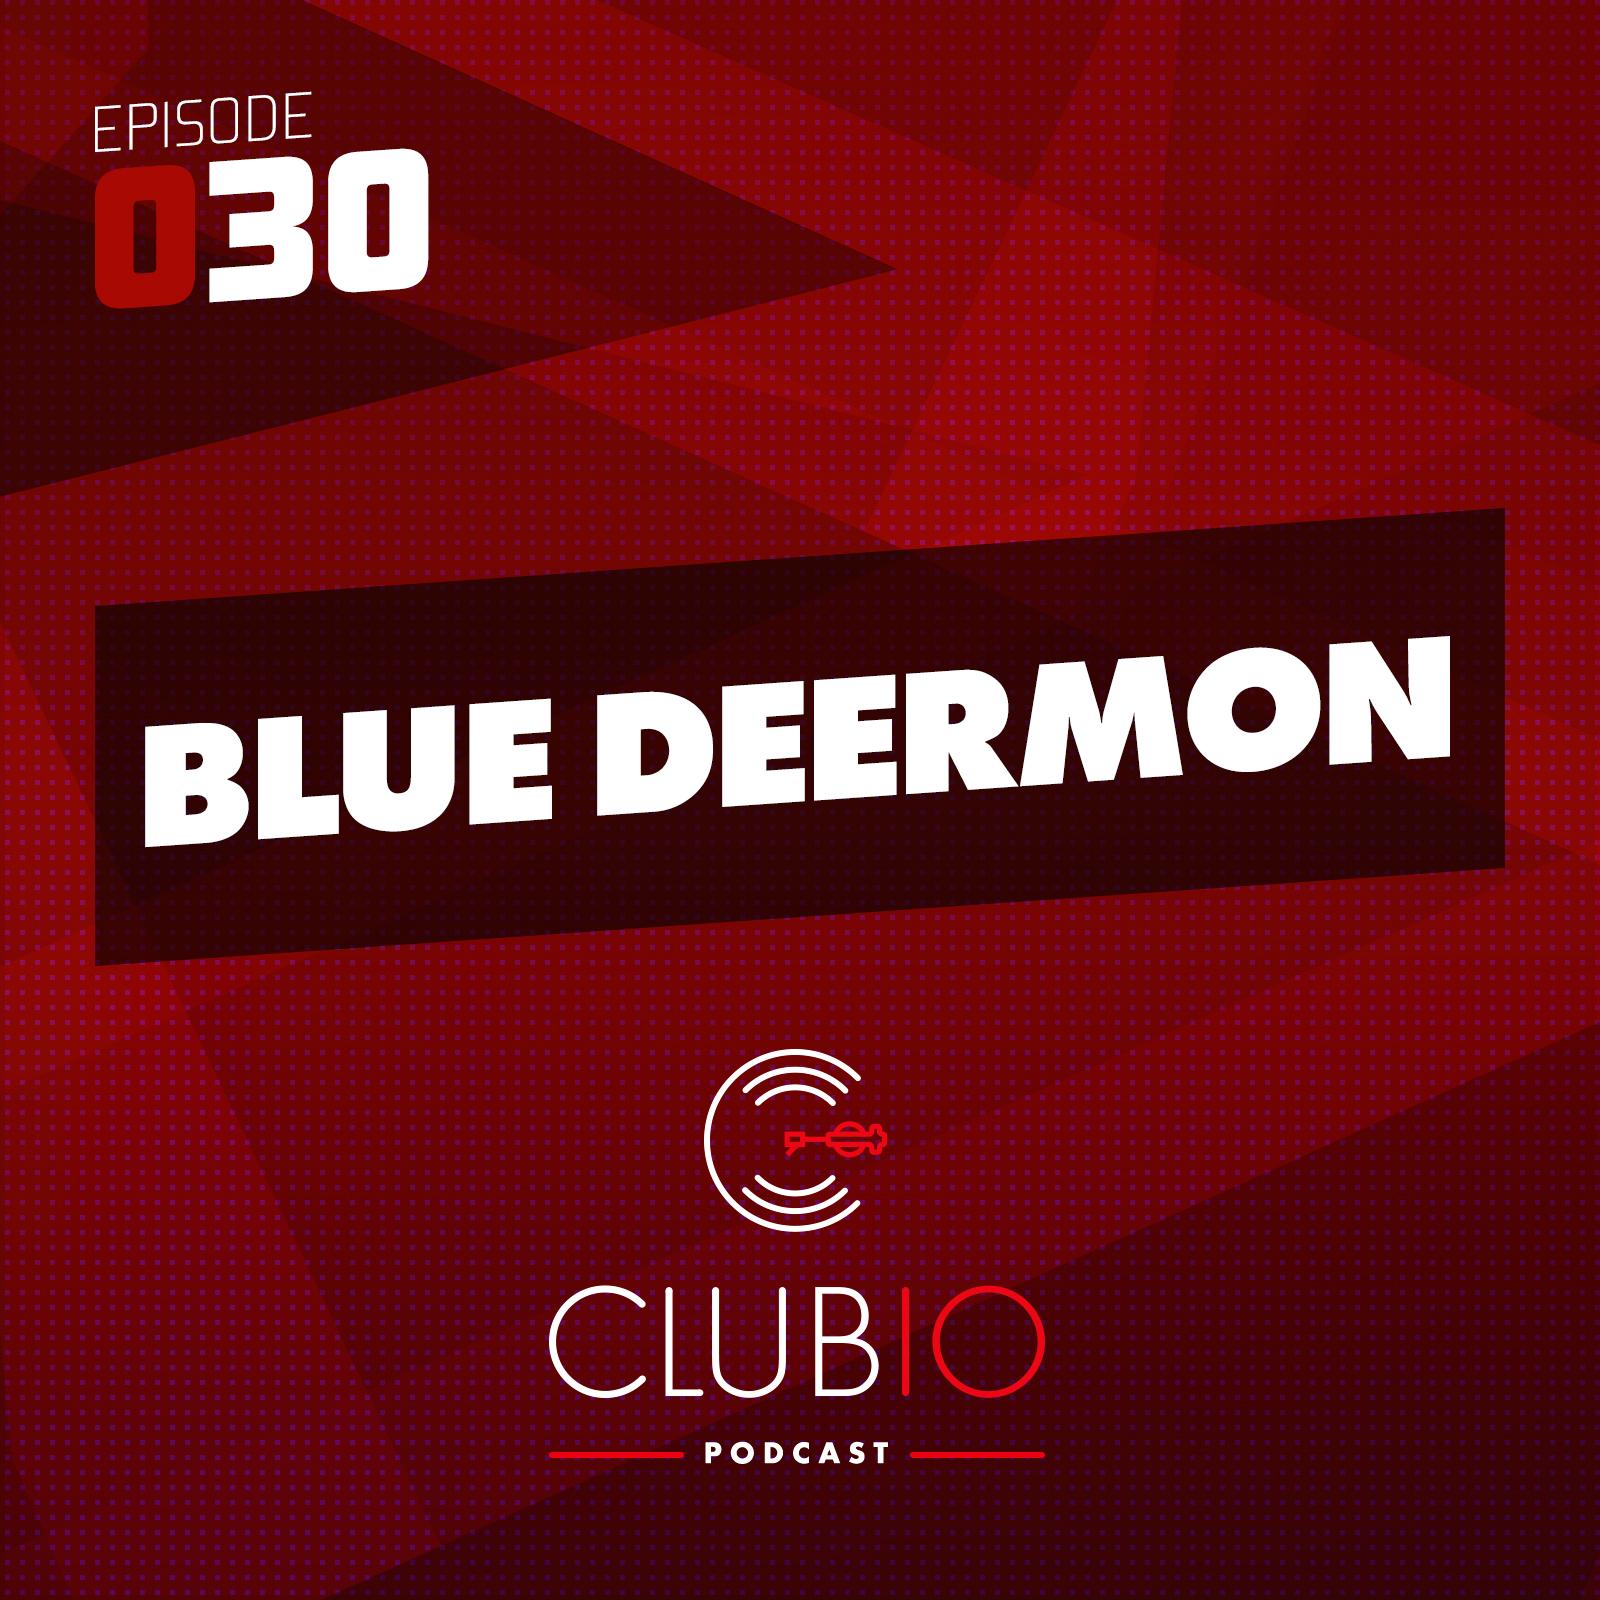 Clubio Podcast 030 - Blue Deermon